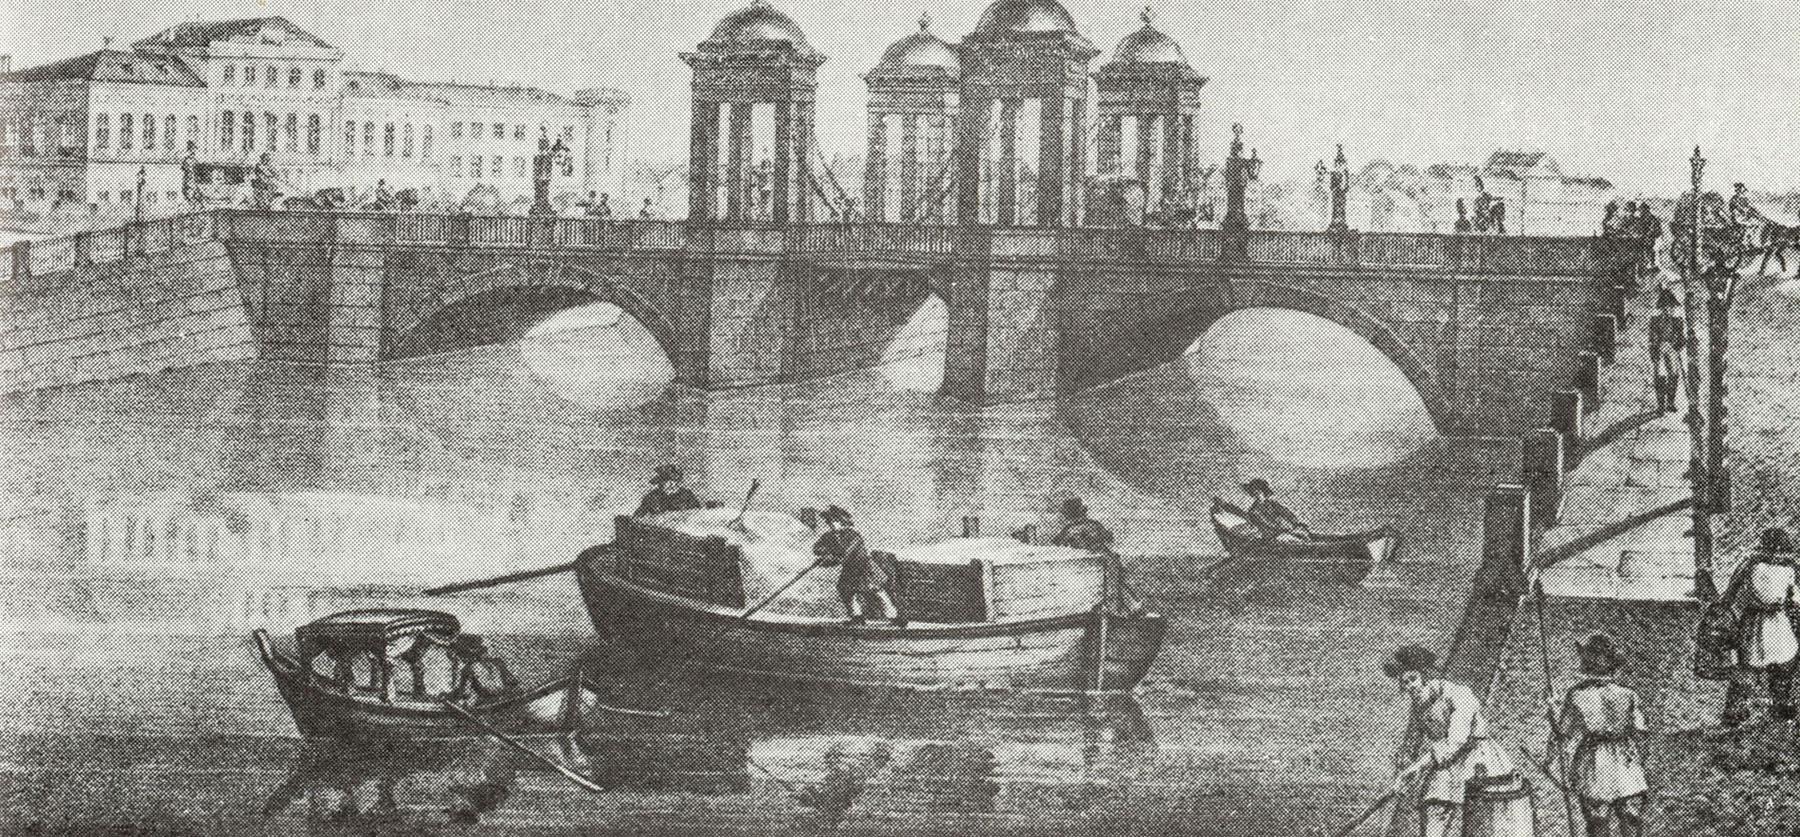 Карл Беггров. Обуховский мост через Фонтанку. Фрагмент. 1823.